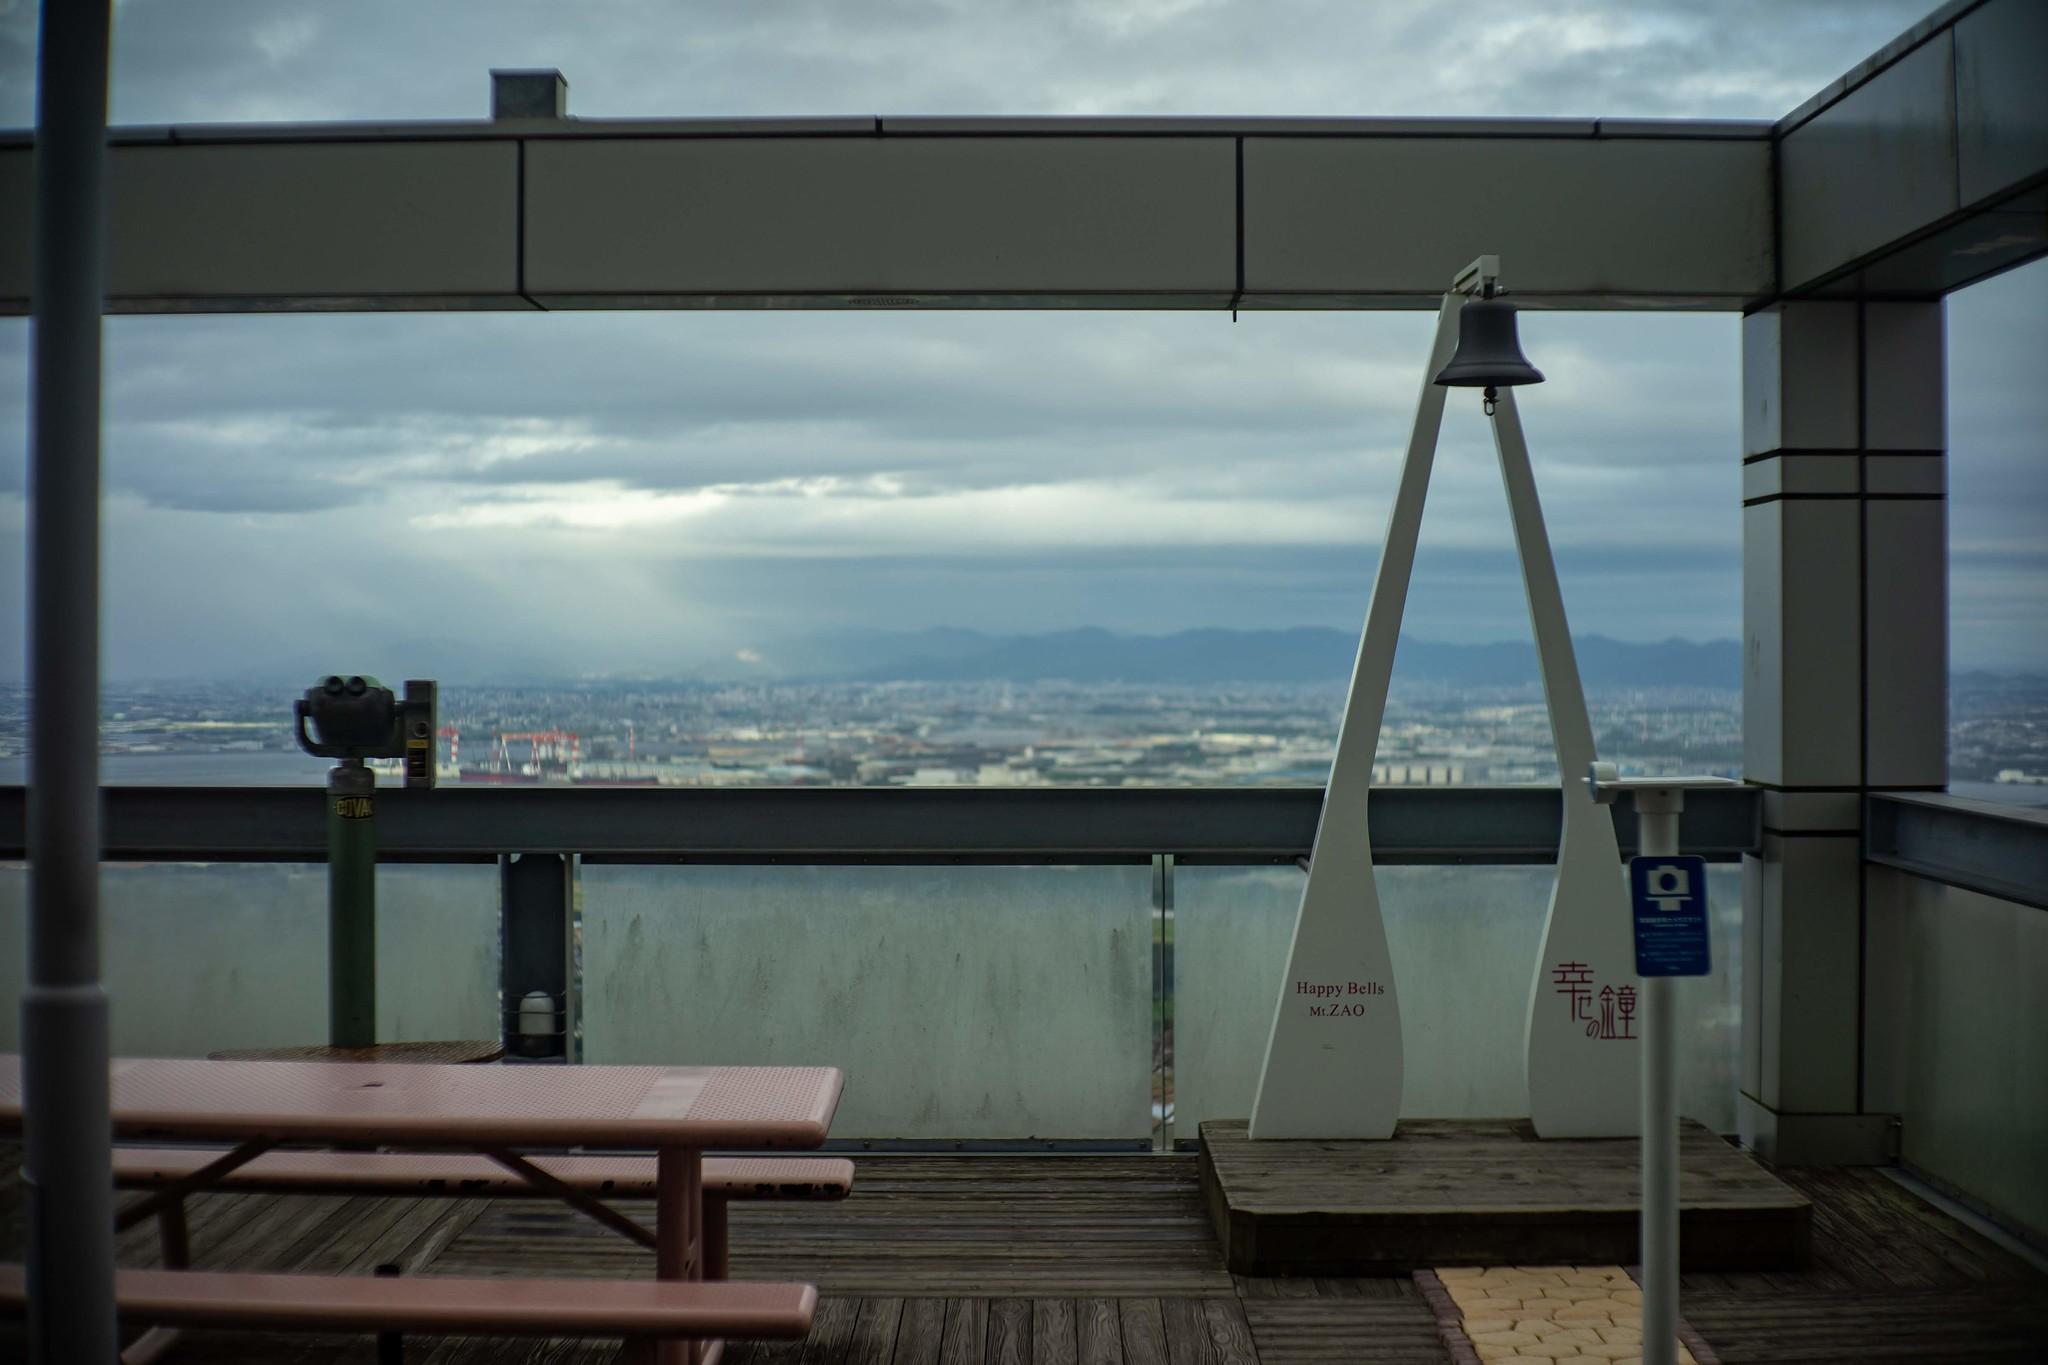 蔵王山展望台 a7II + 七工匠 50mm F1.1